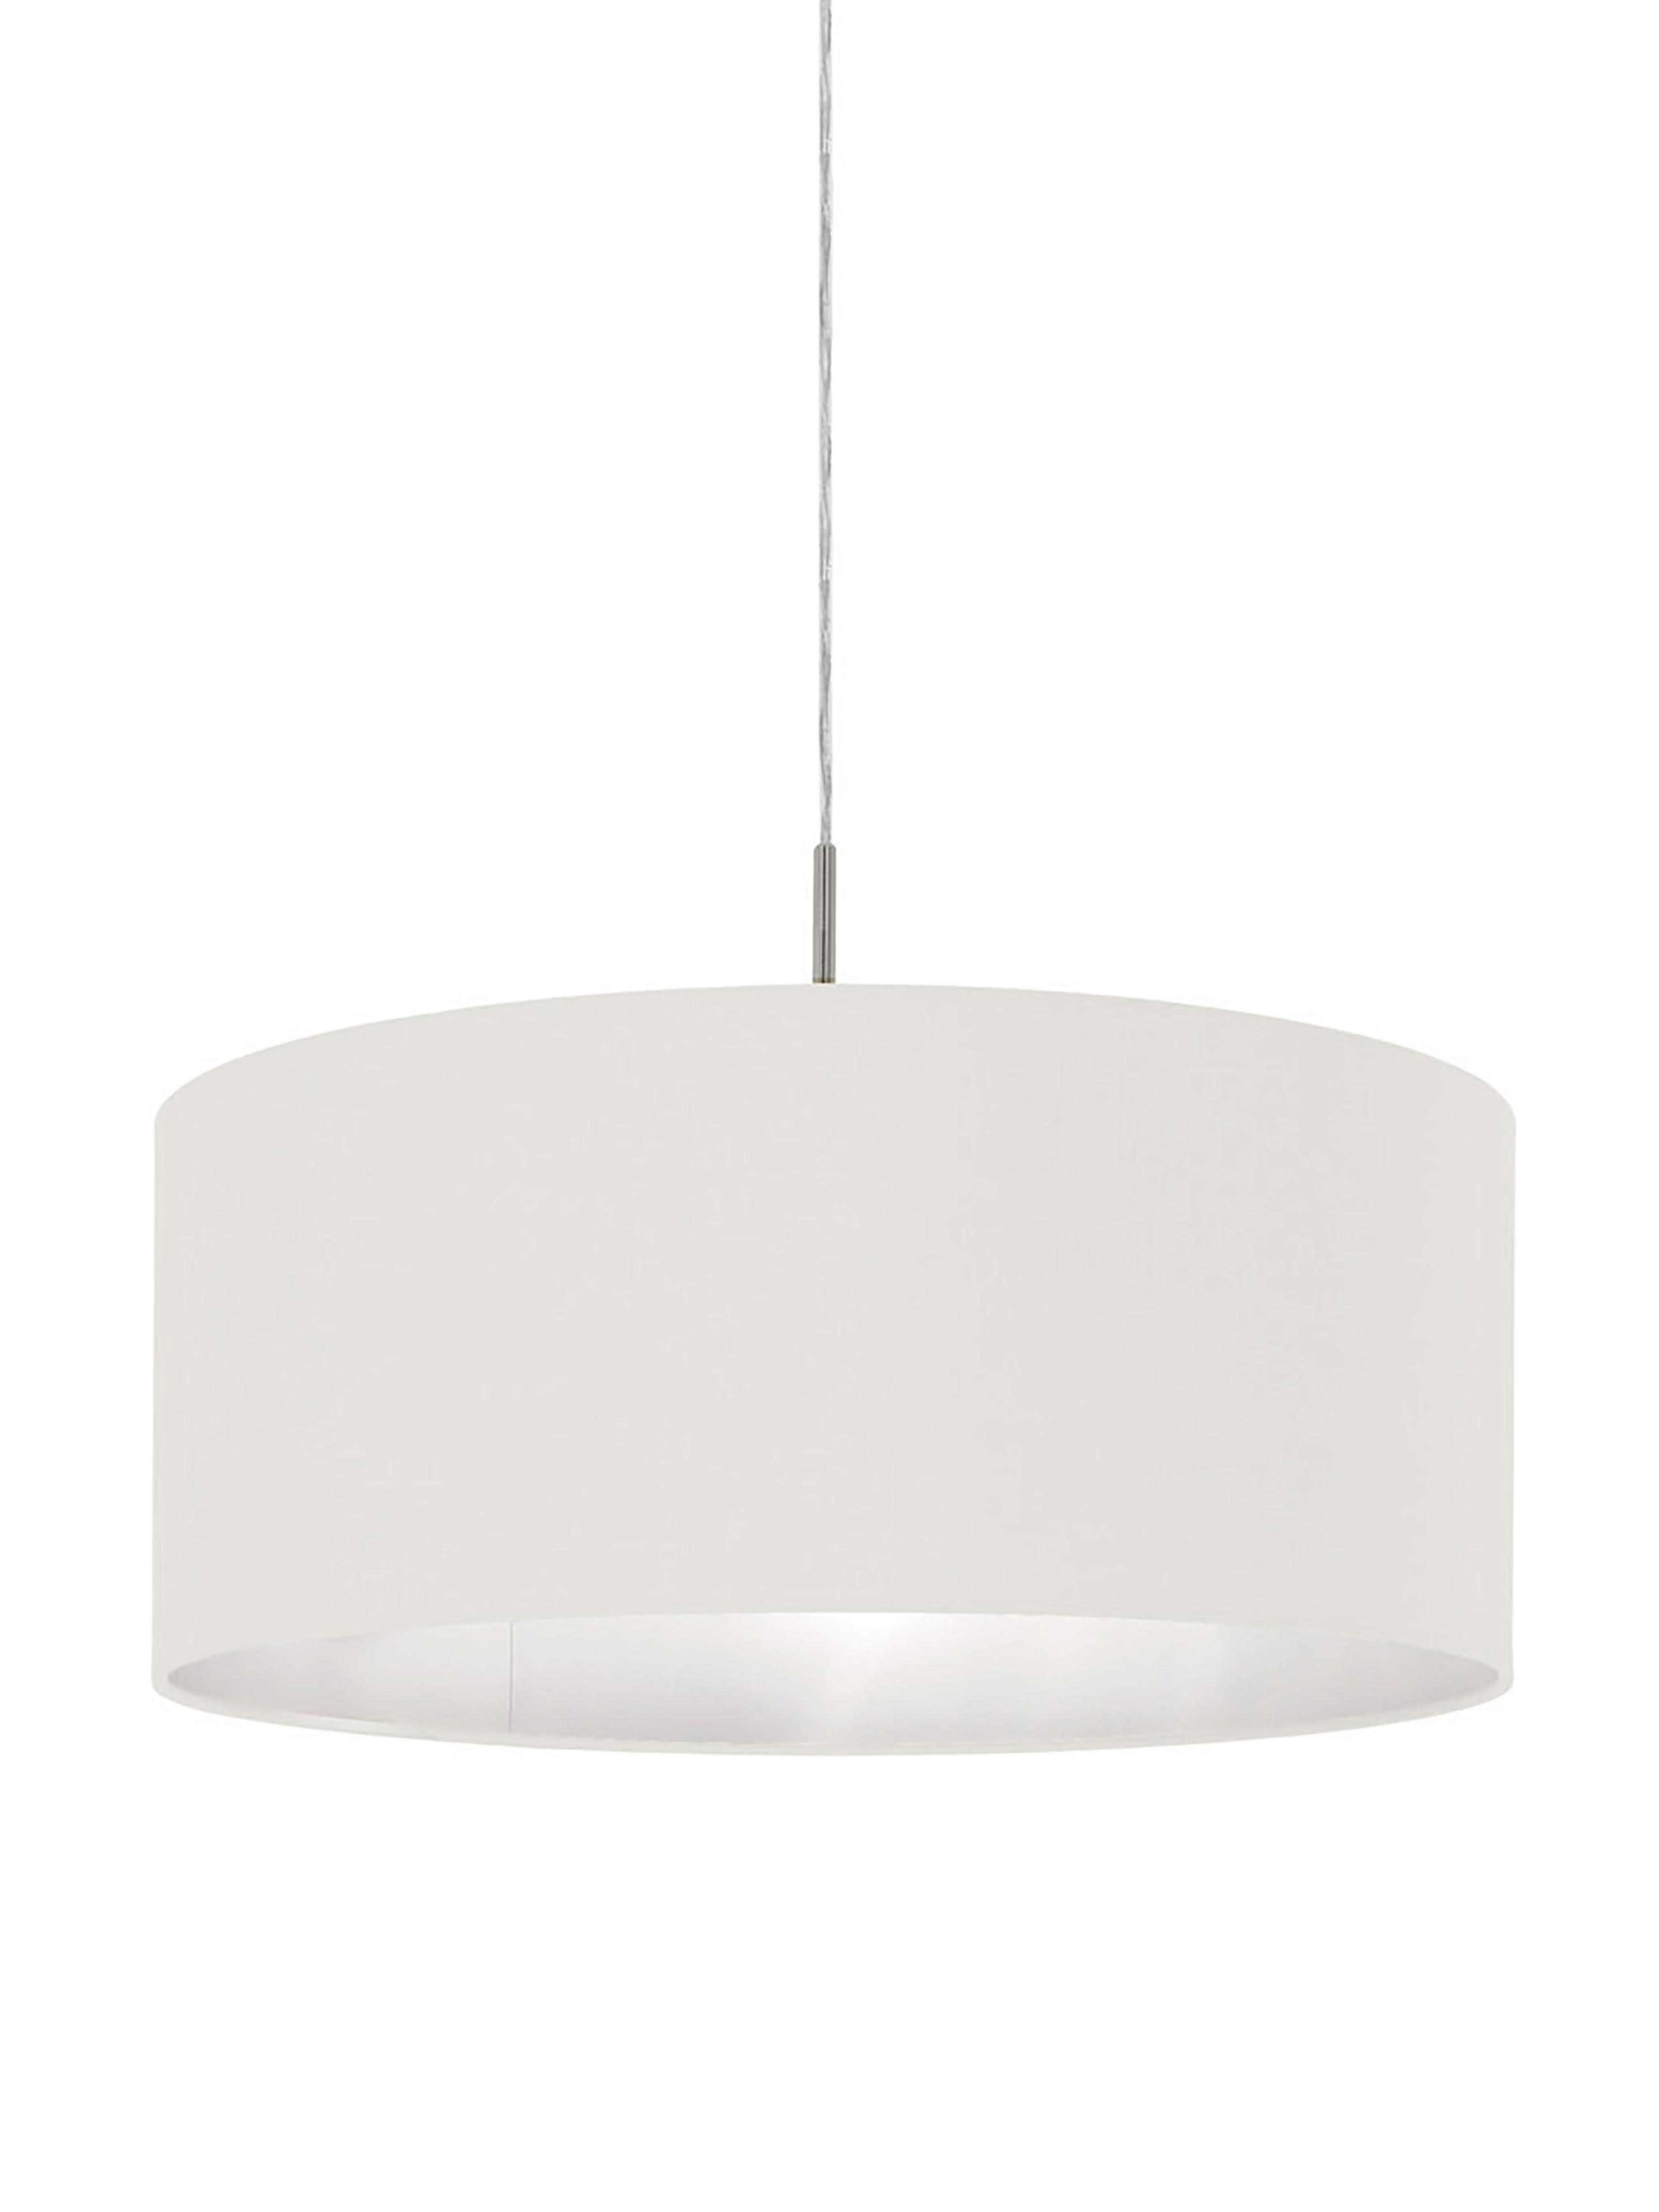 Lámpara de techo Parry, Anclaje: metal niquelado, Pantalla: tela, Cable: plástico, Plateado, blanco, ∅ 53 x Al 25 cm